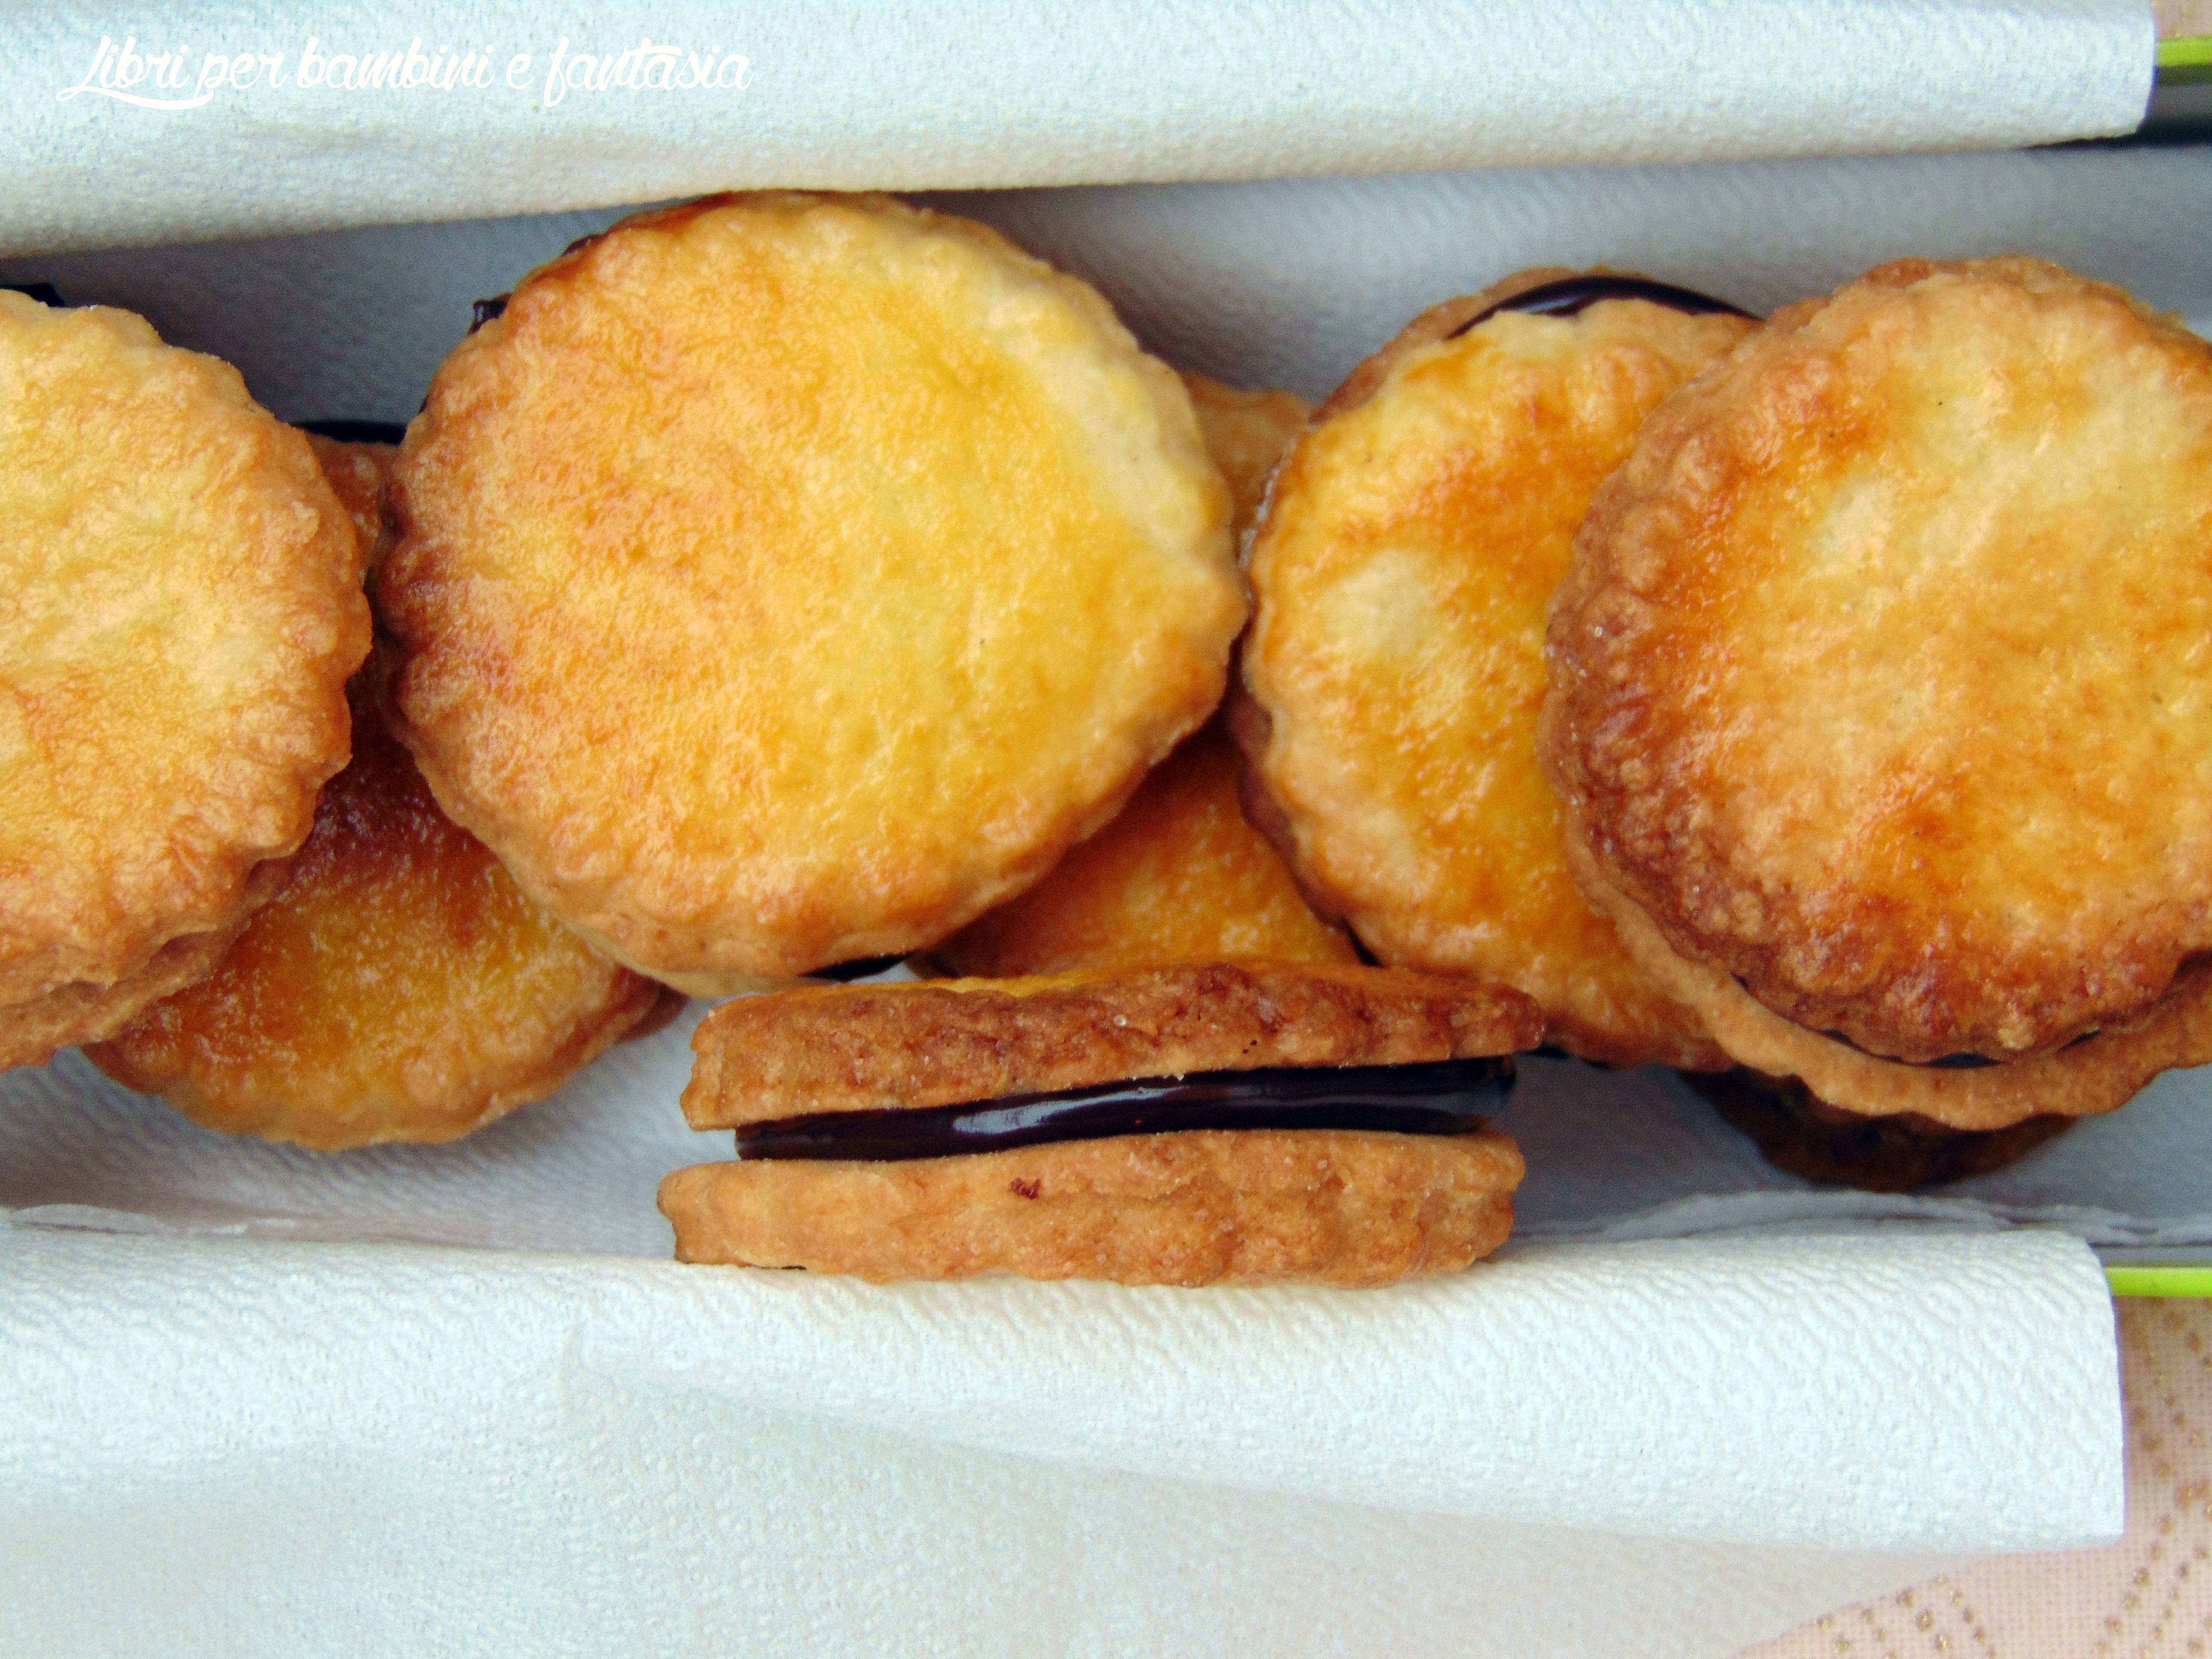 Biscotti Da Credenza Alice : Pensieri fuori dal coro: biscotti sottili croccanti con ganache al